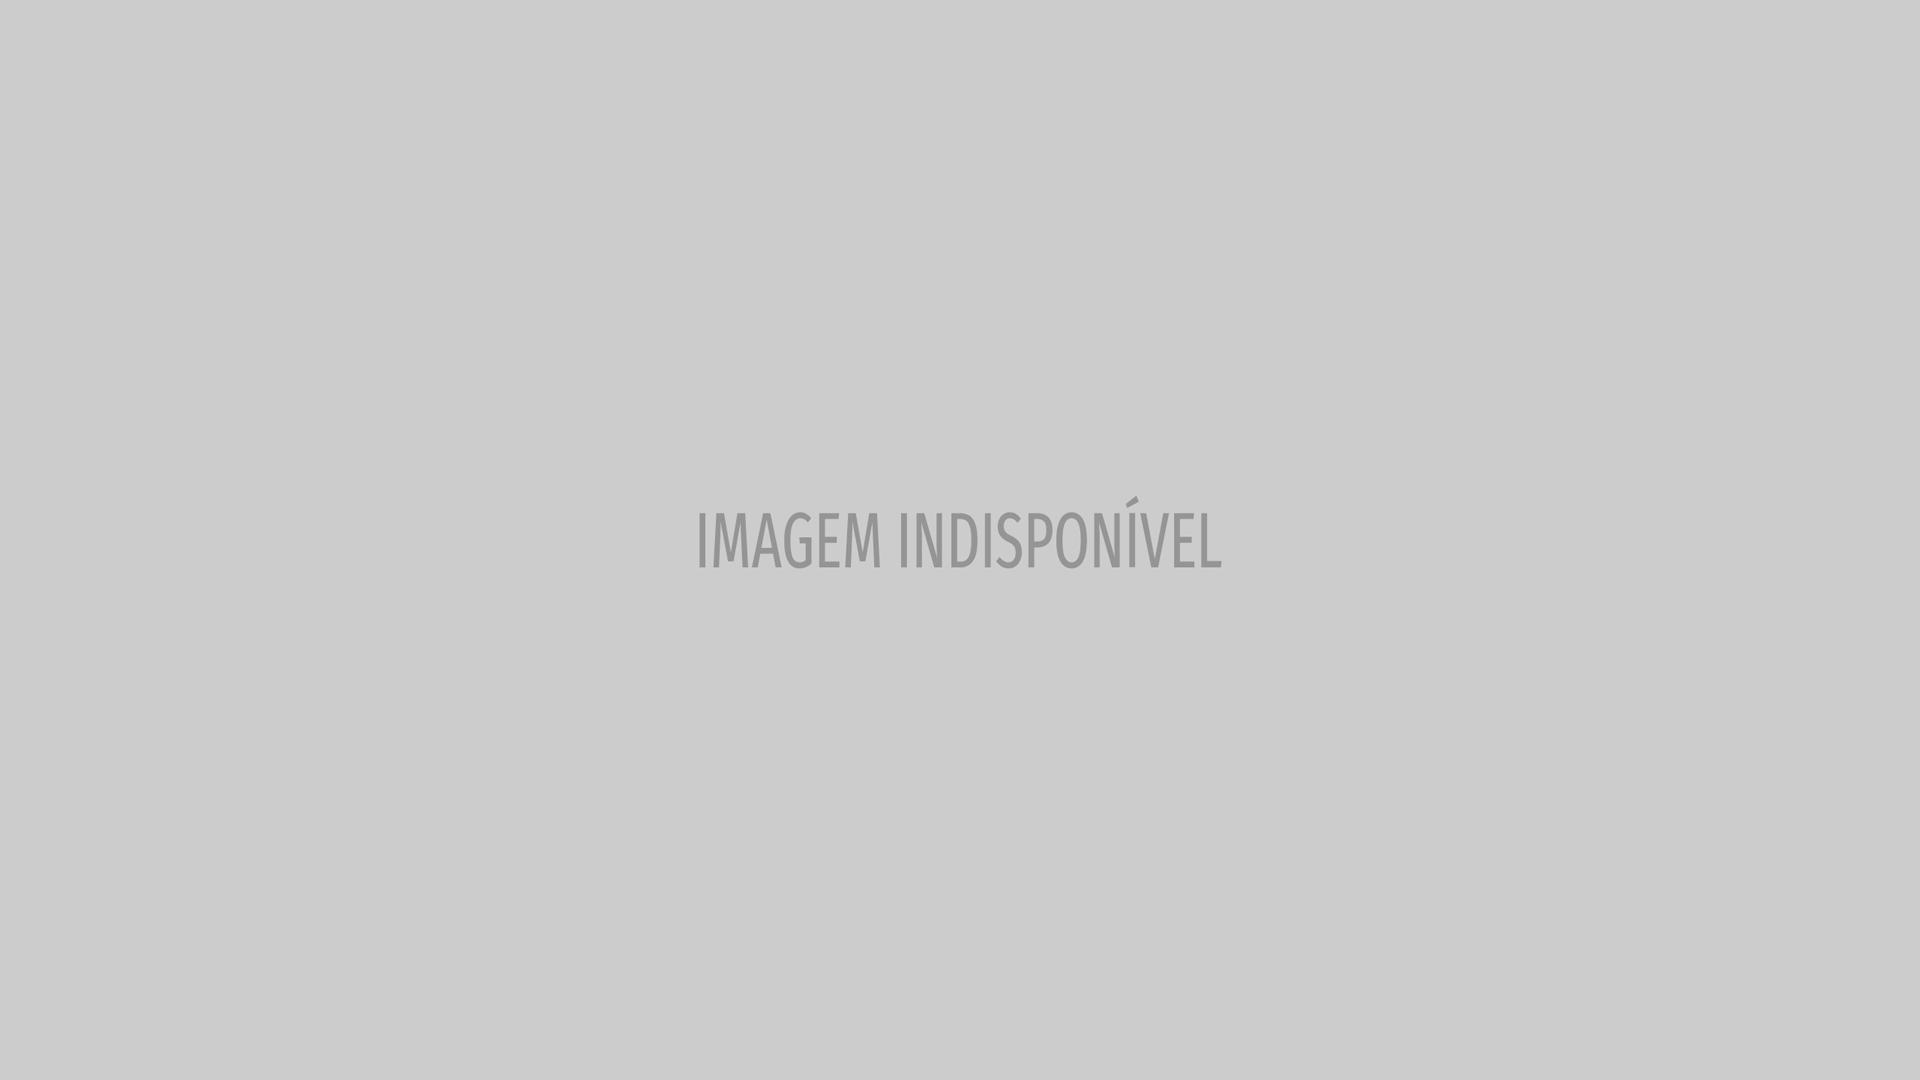 Famosos lamentam morte do jornalista Marcelo Rezende nas redes sociais